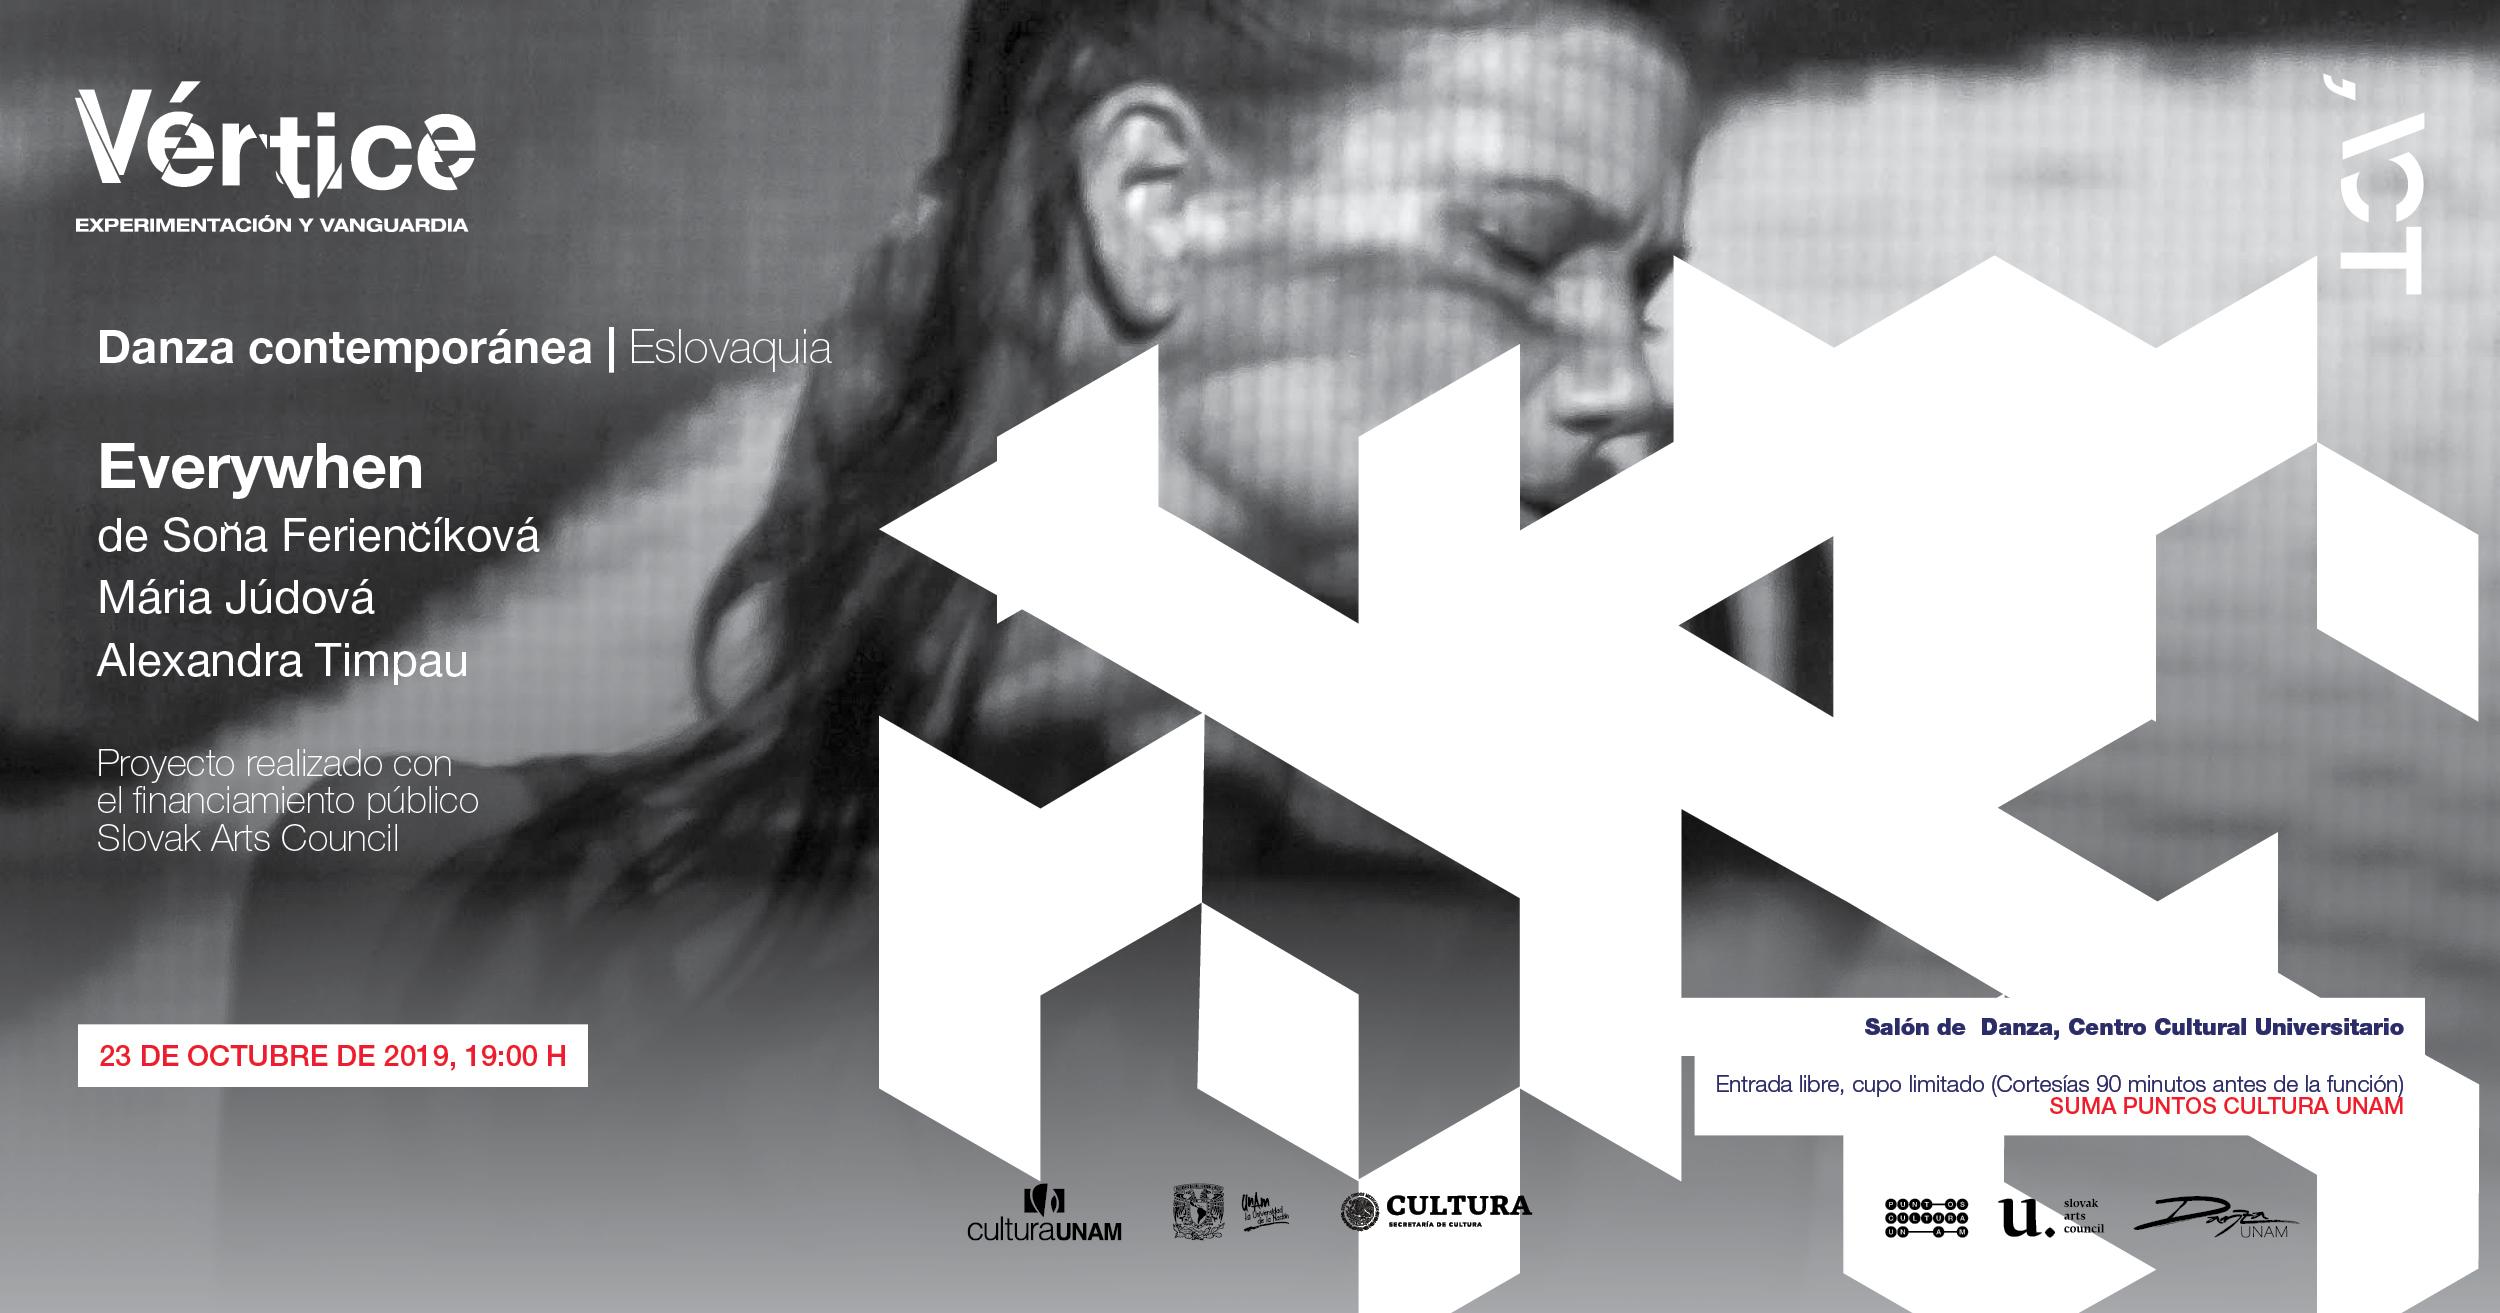 Everywhen en el festival Vértice. Experimentación y Vanguardia 2019